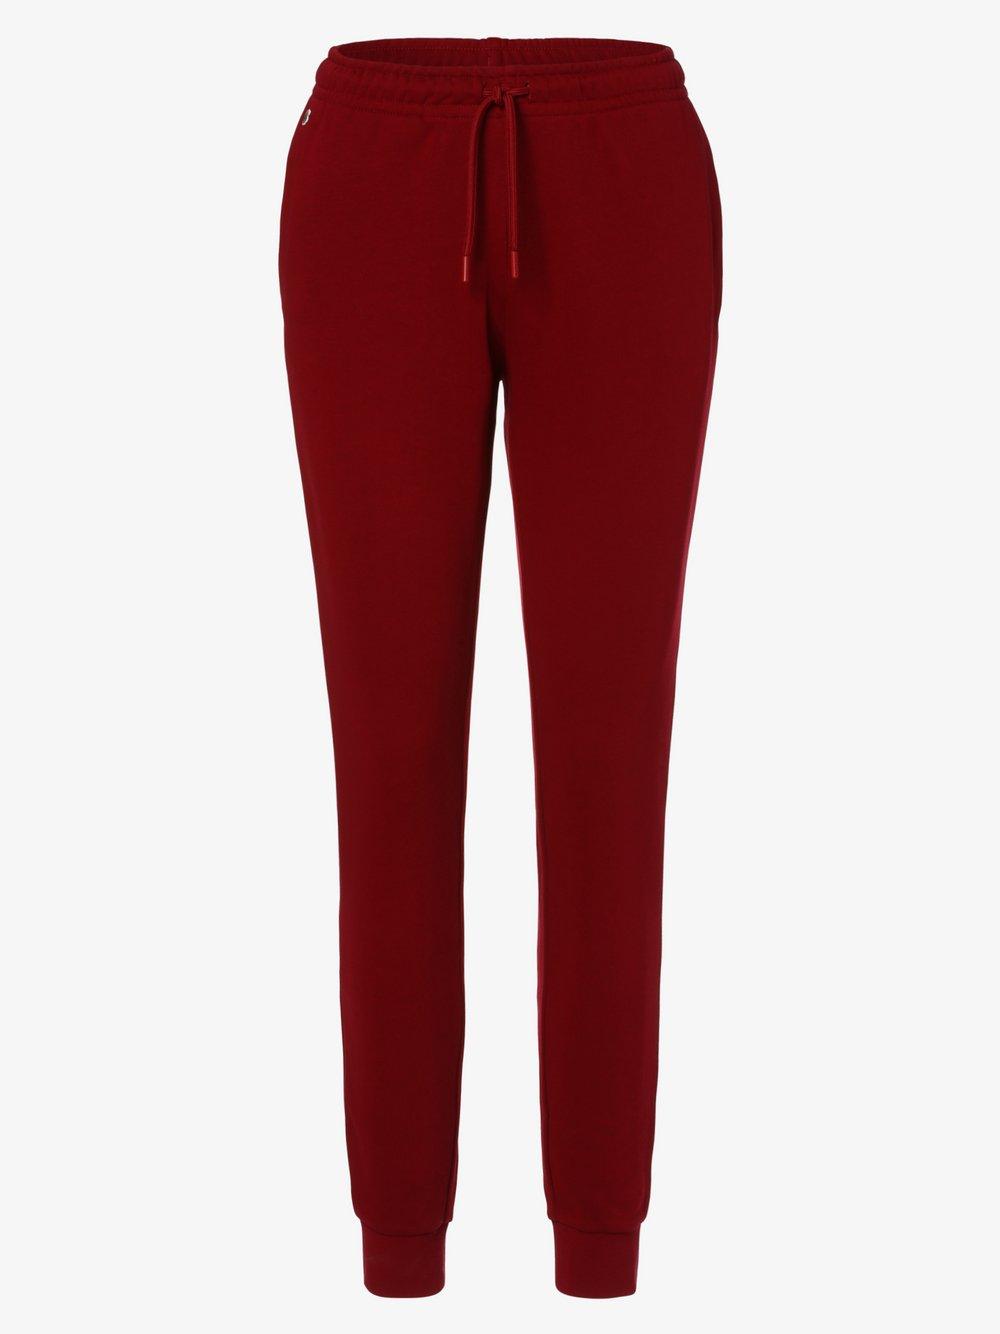 Lacoste - Damskie spodnie dresowe, czerwony